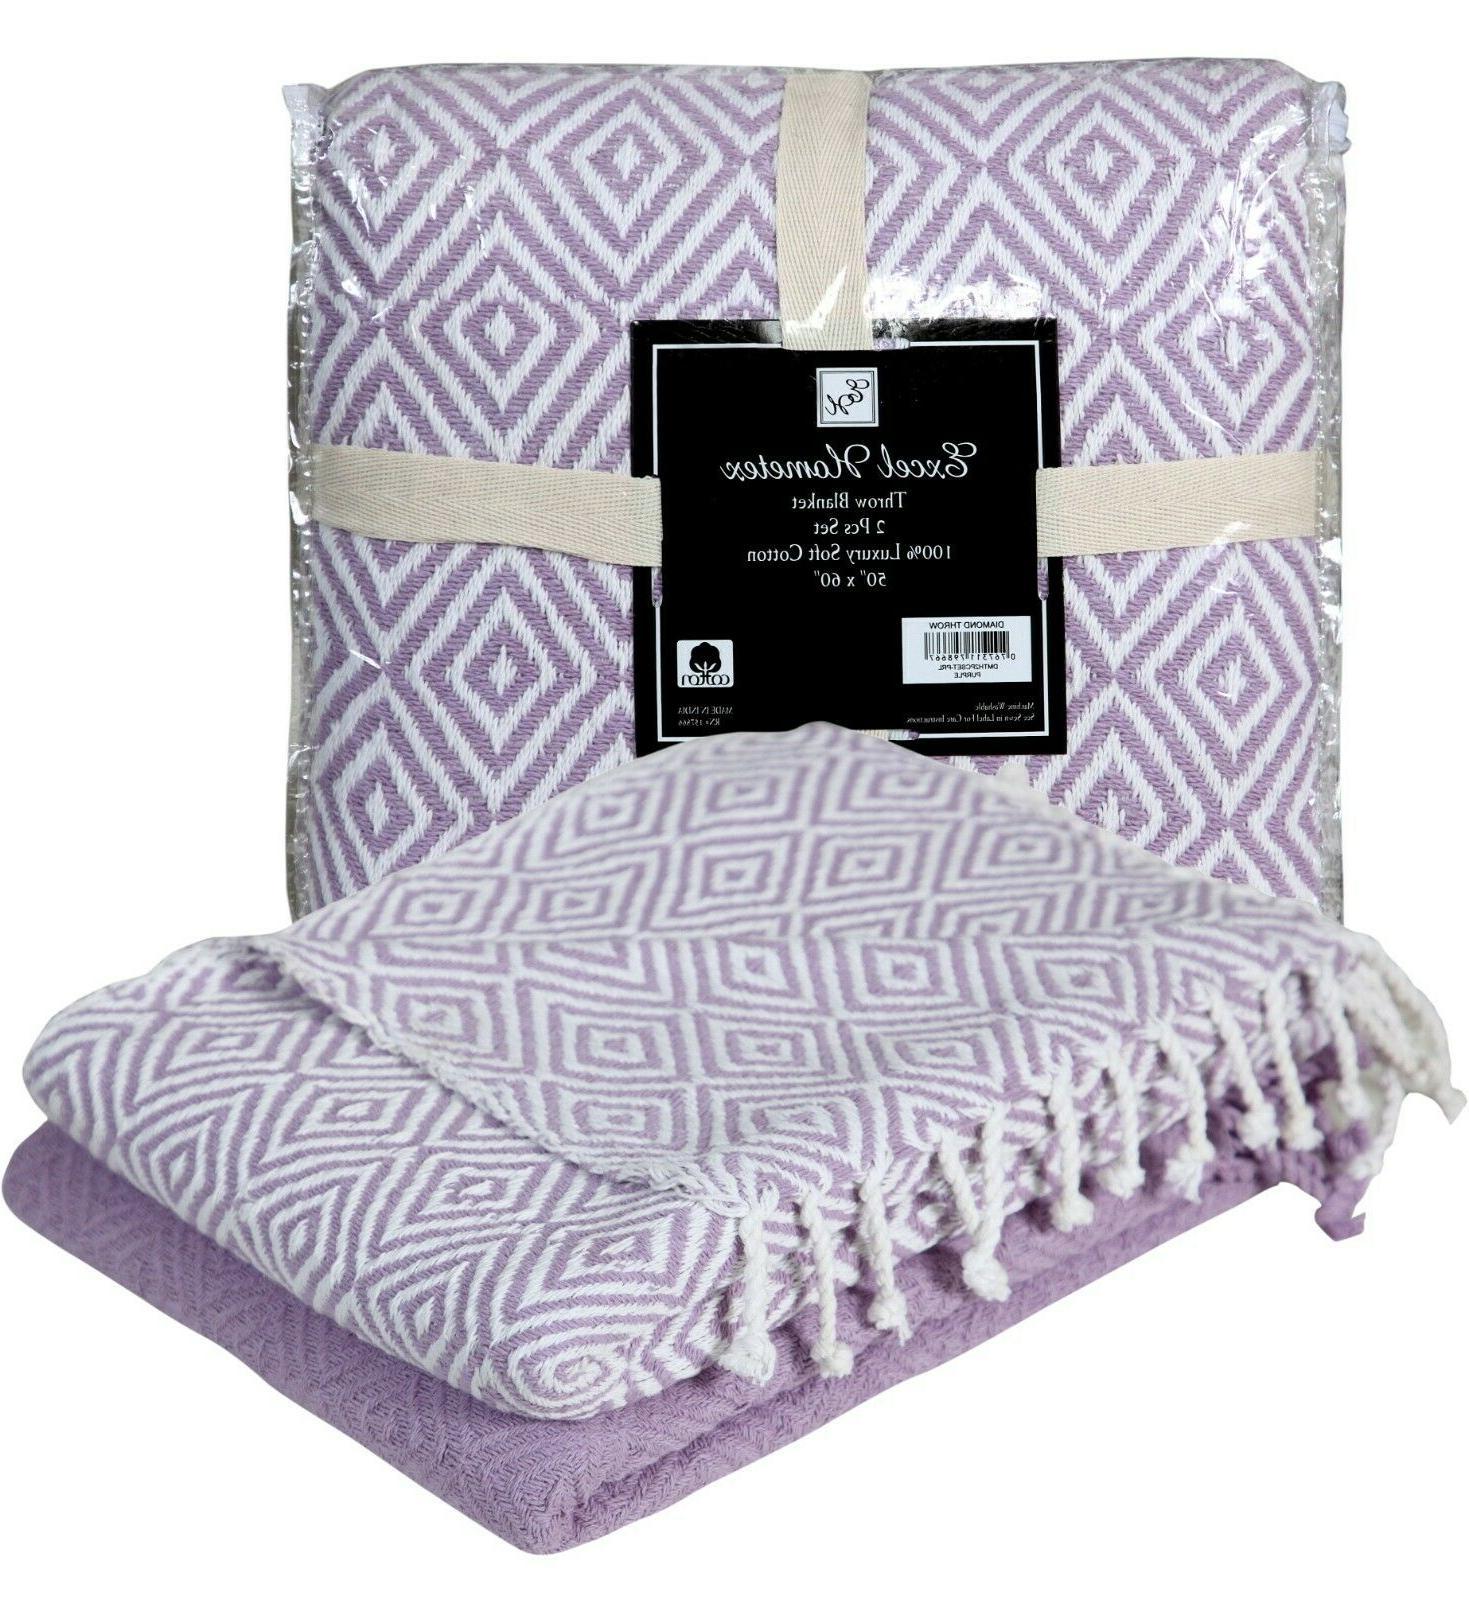 100% Blanket Diamond Couch Throw Indoor/Outdoor